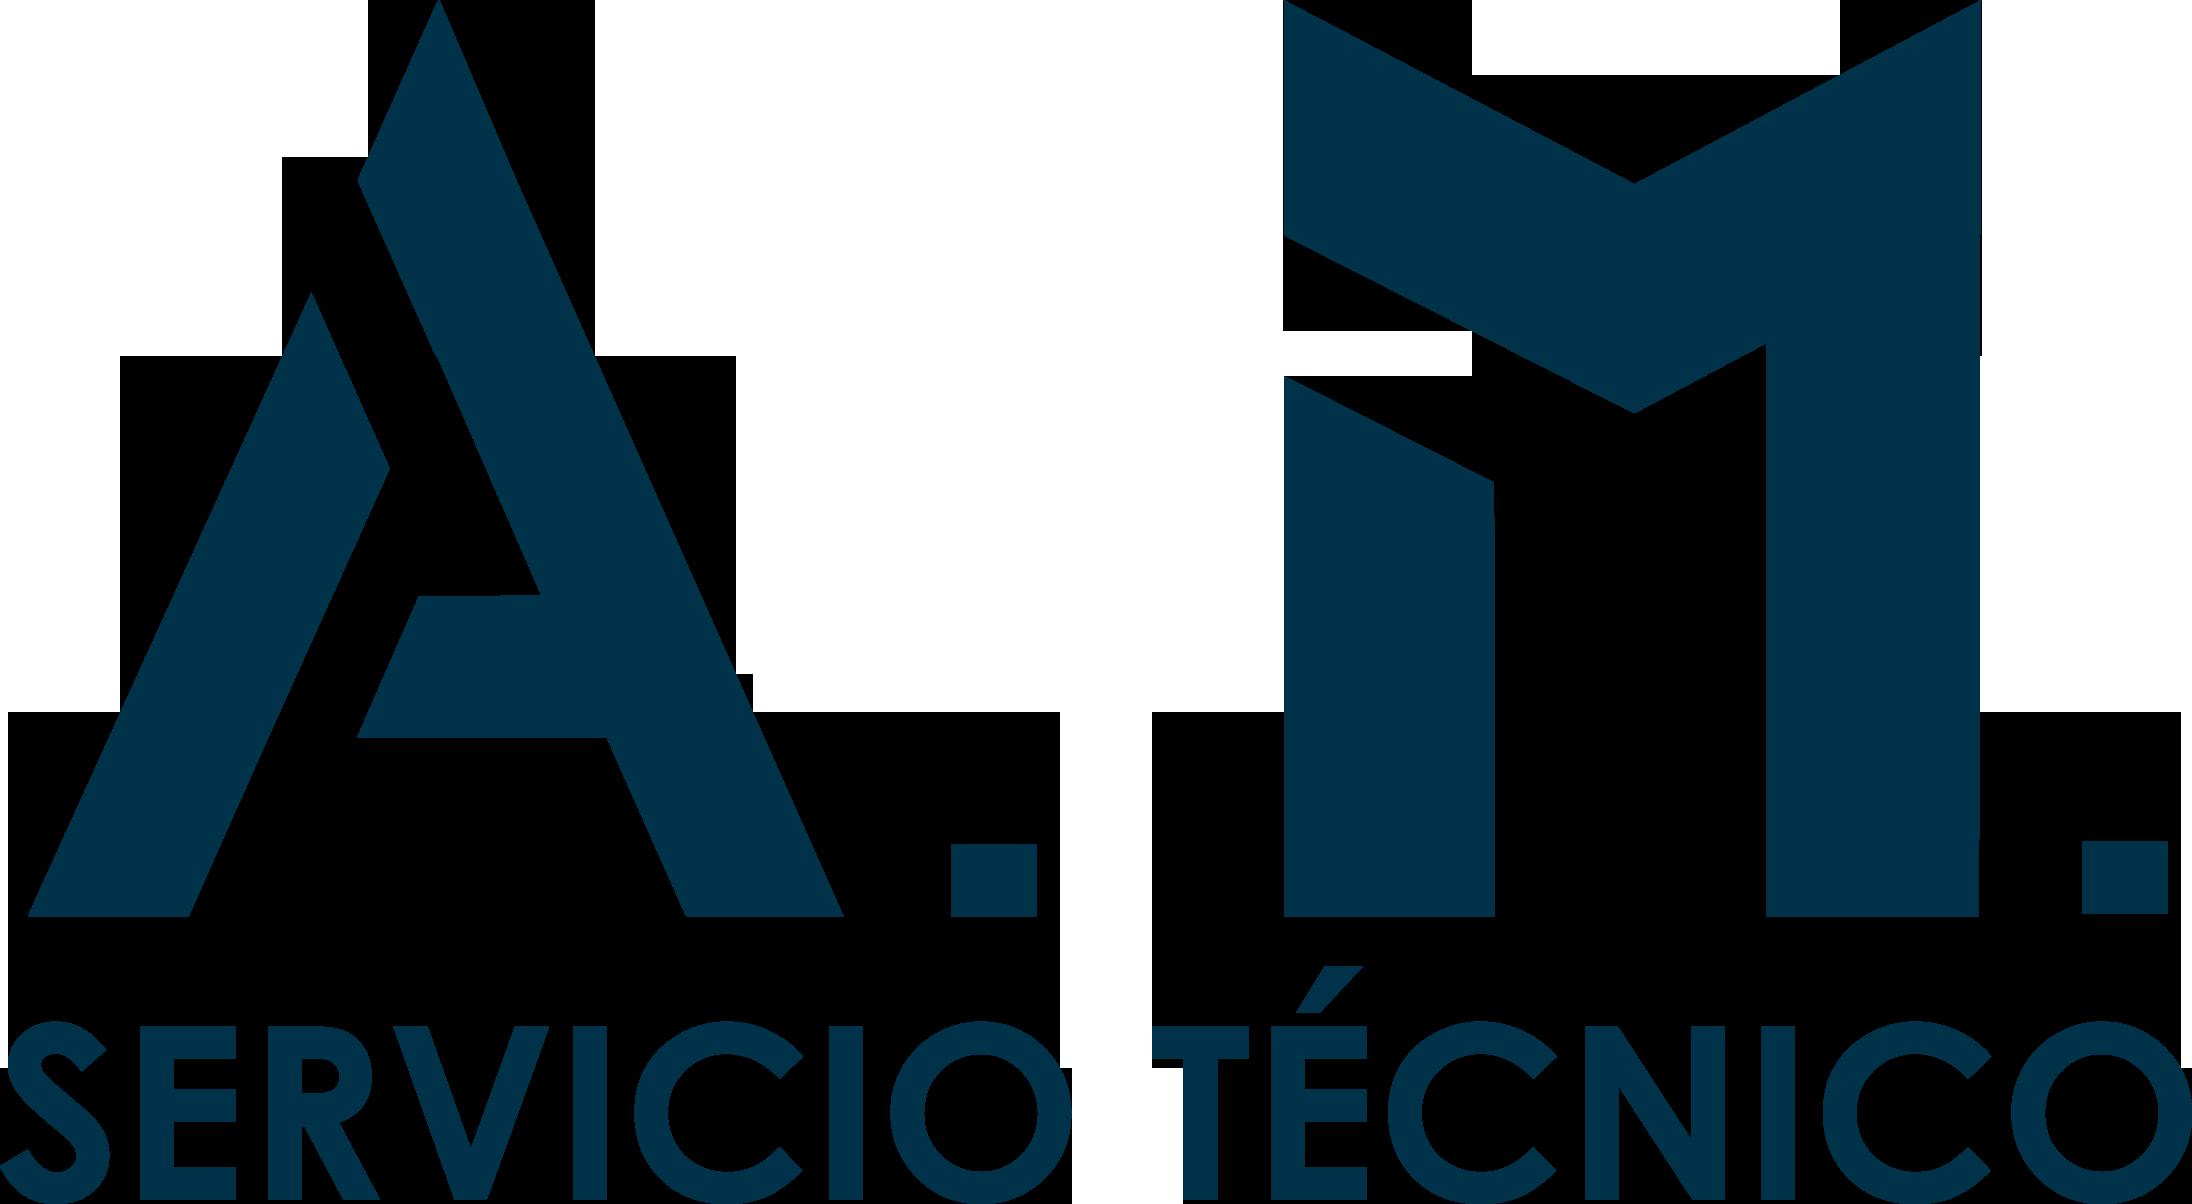 A.M. – Servicio Técnico de Reparación de Electrodomésticos | Venta de Recambios de Gama blanca (Rubi. Barcelona). Diseño IDG GRUP WEB